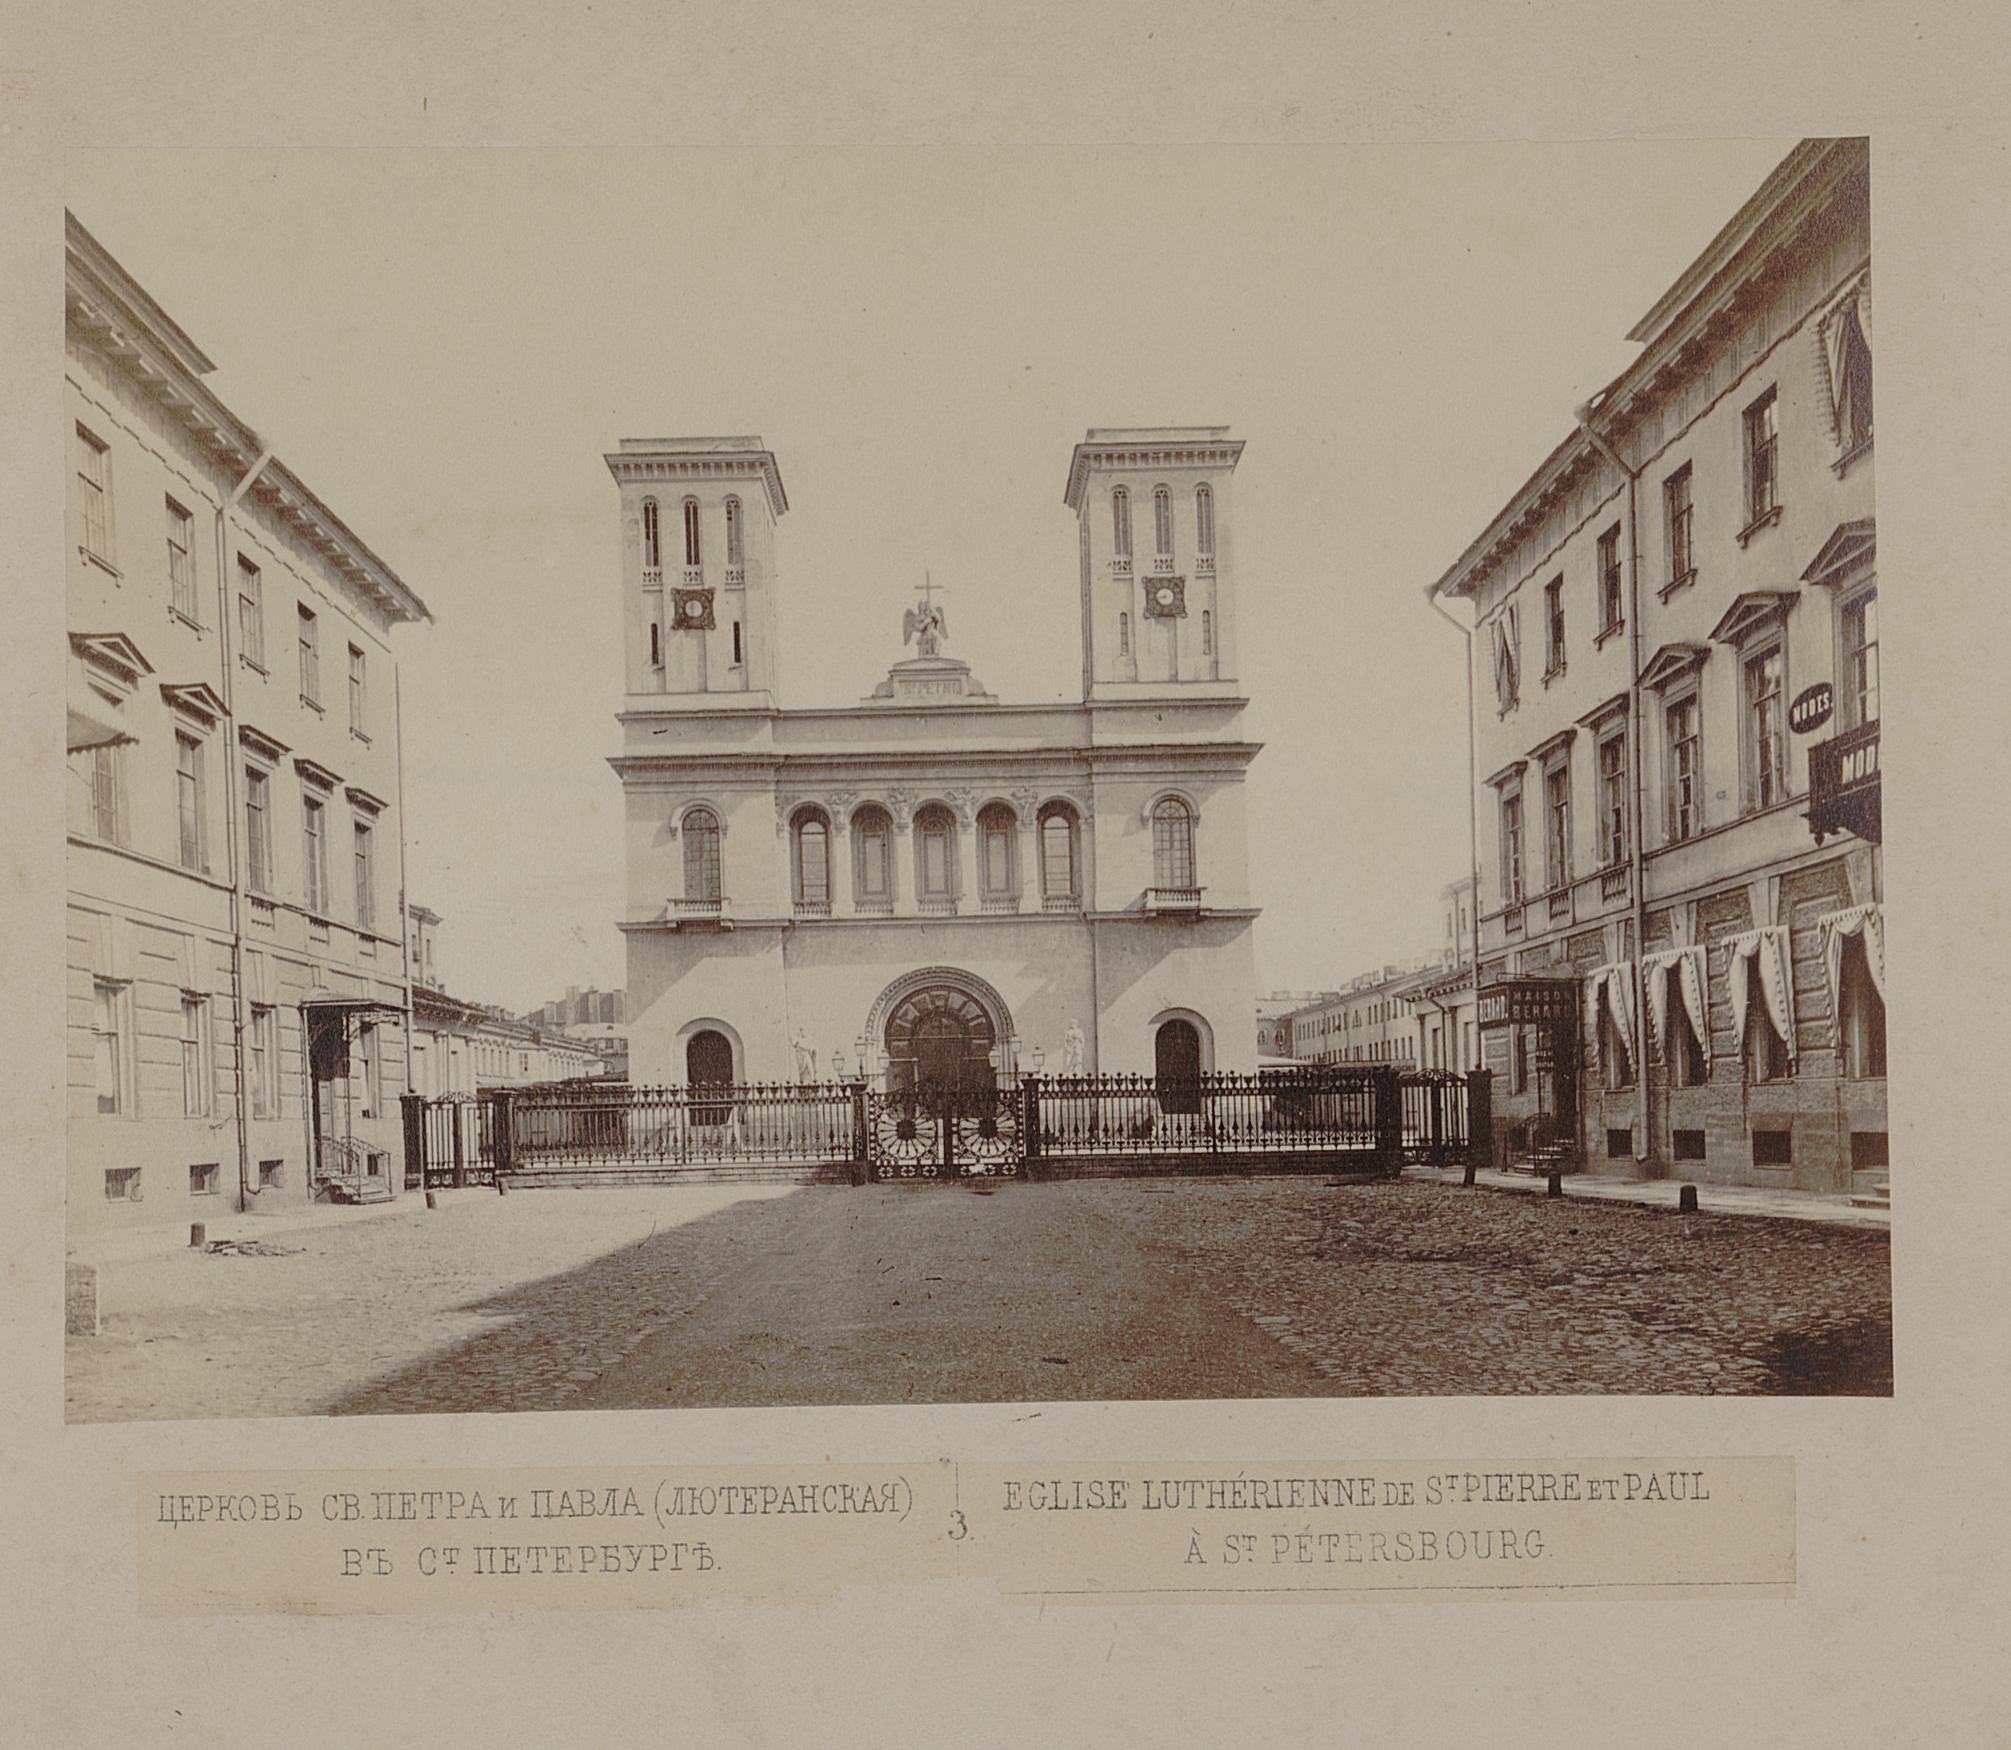 003. Церковь св. Петра и Павла (лютеранская)